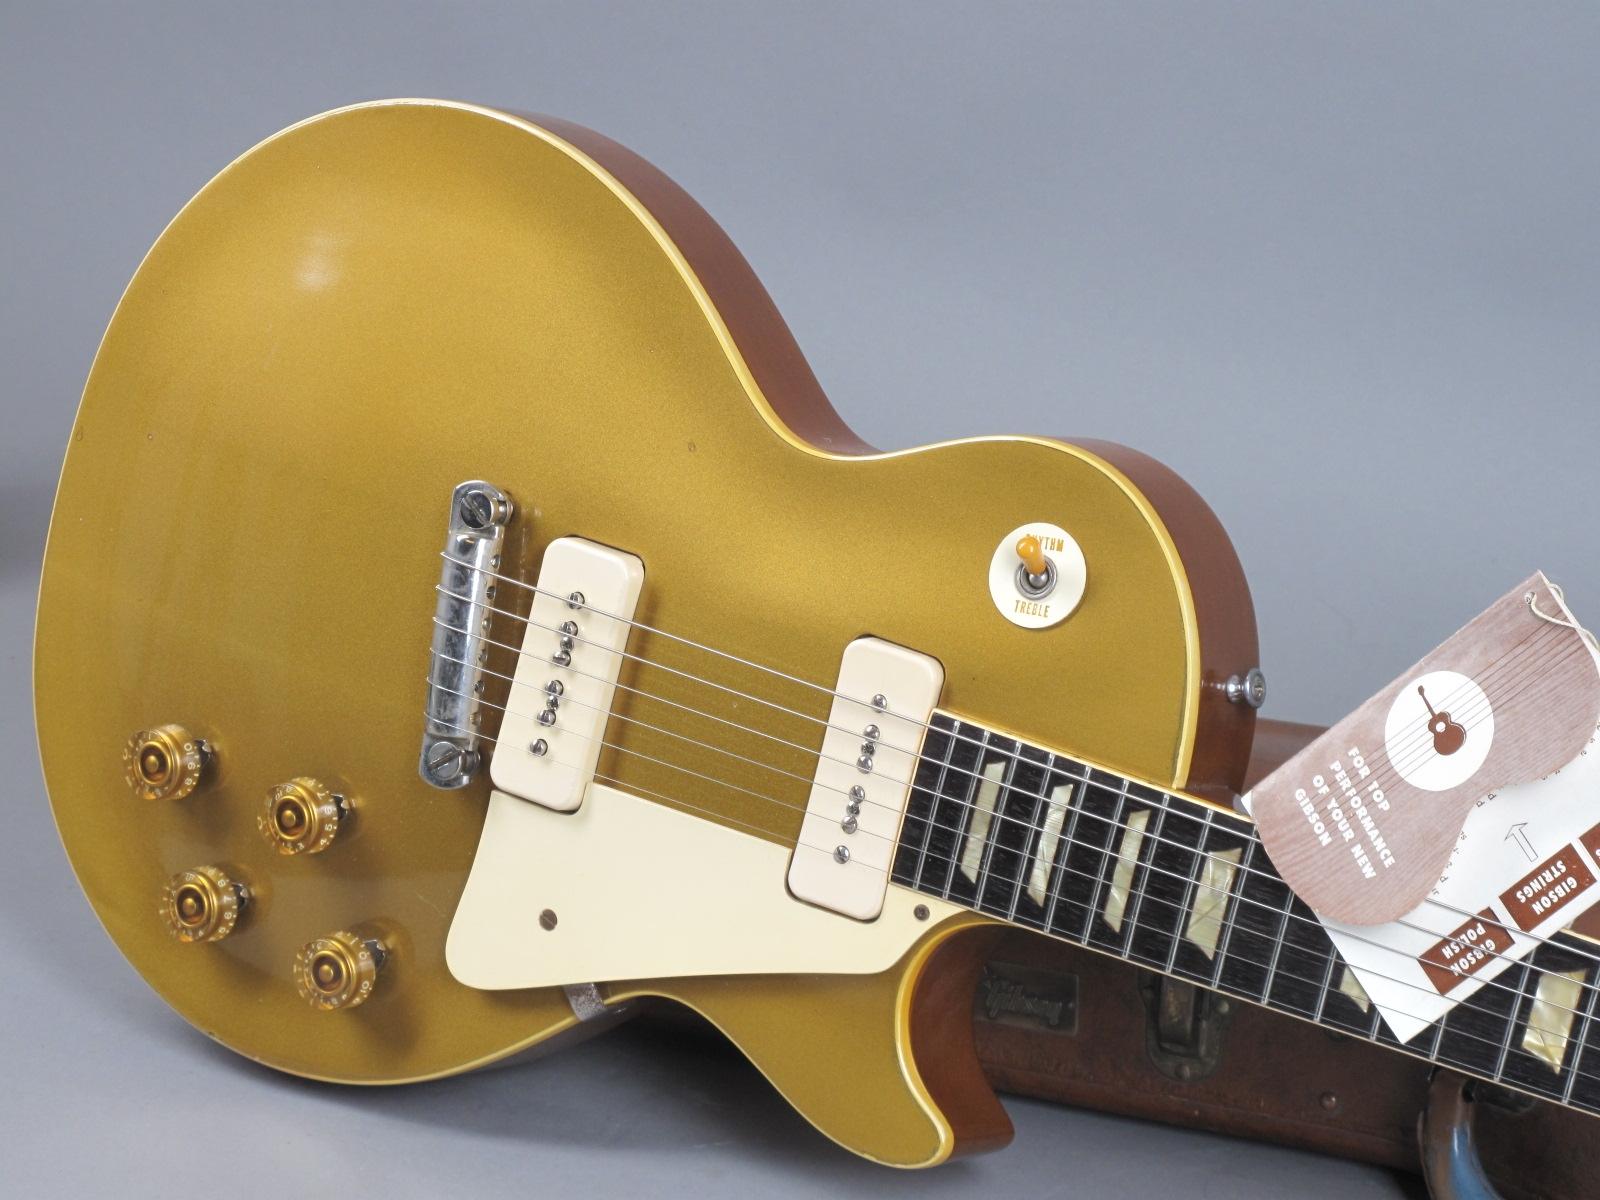 https://guitarpoint.de/app/uploads/products/1954-gibson-les-paul-goldtop-42917/1954-Gibson-Les-Paul-Goldtop-42917-19.jpg